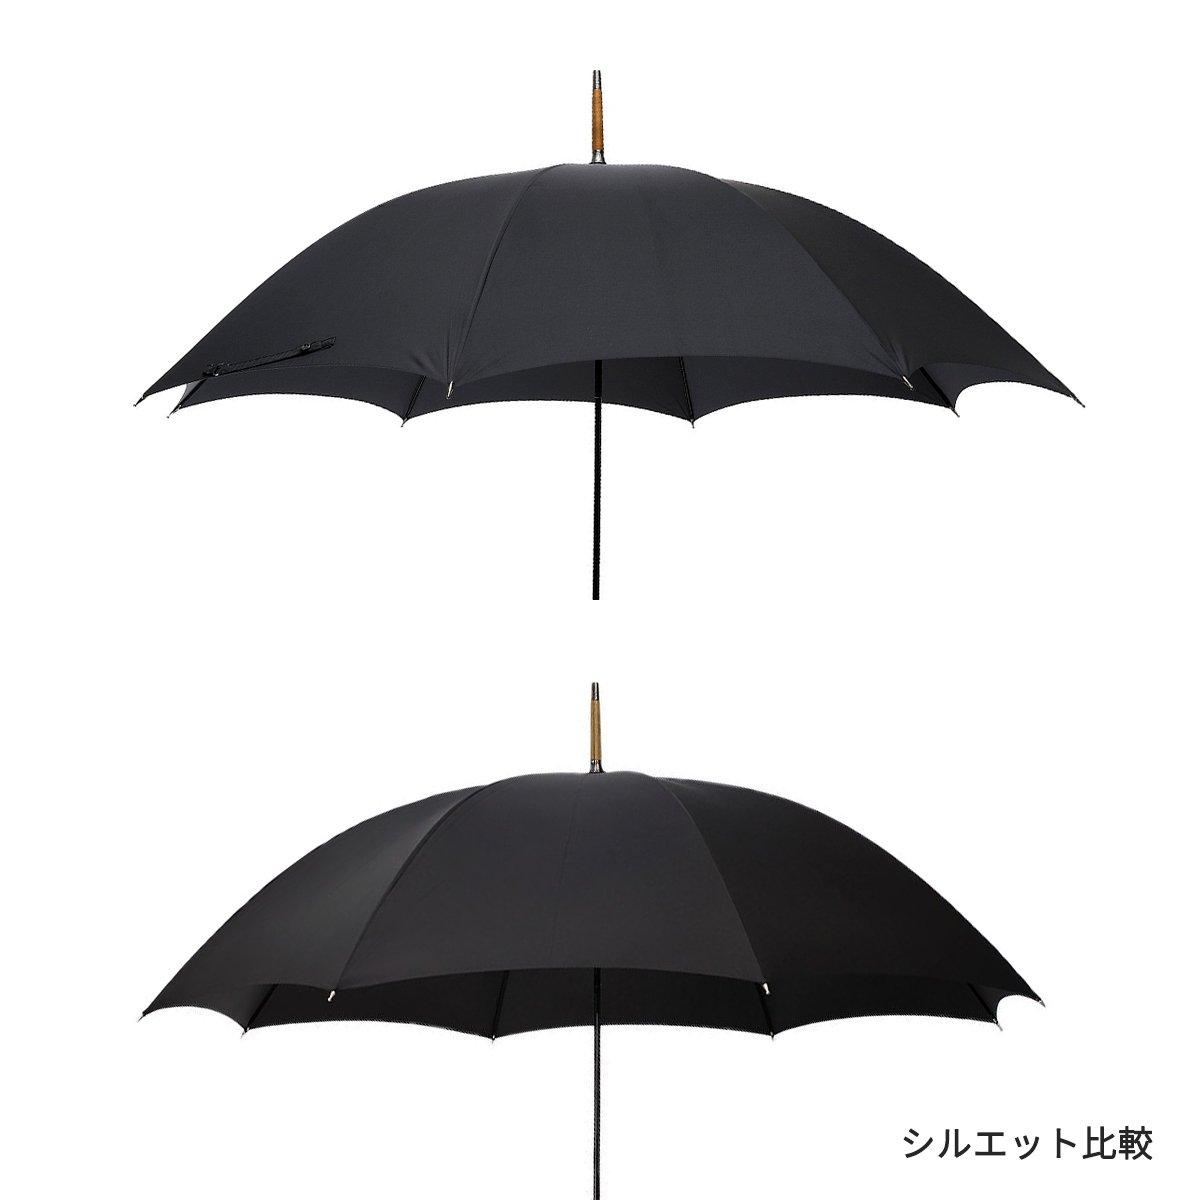 太鼓傘 - 鉄芯 詳細画像31